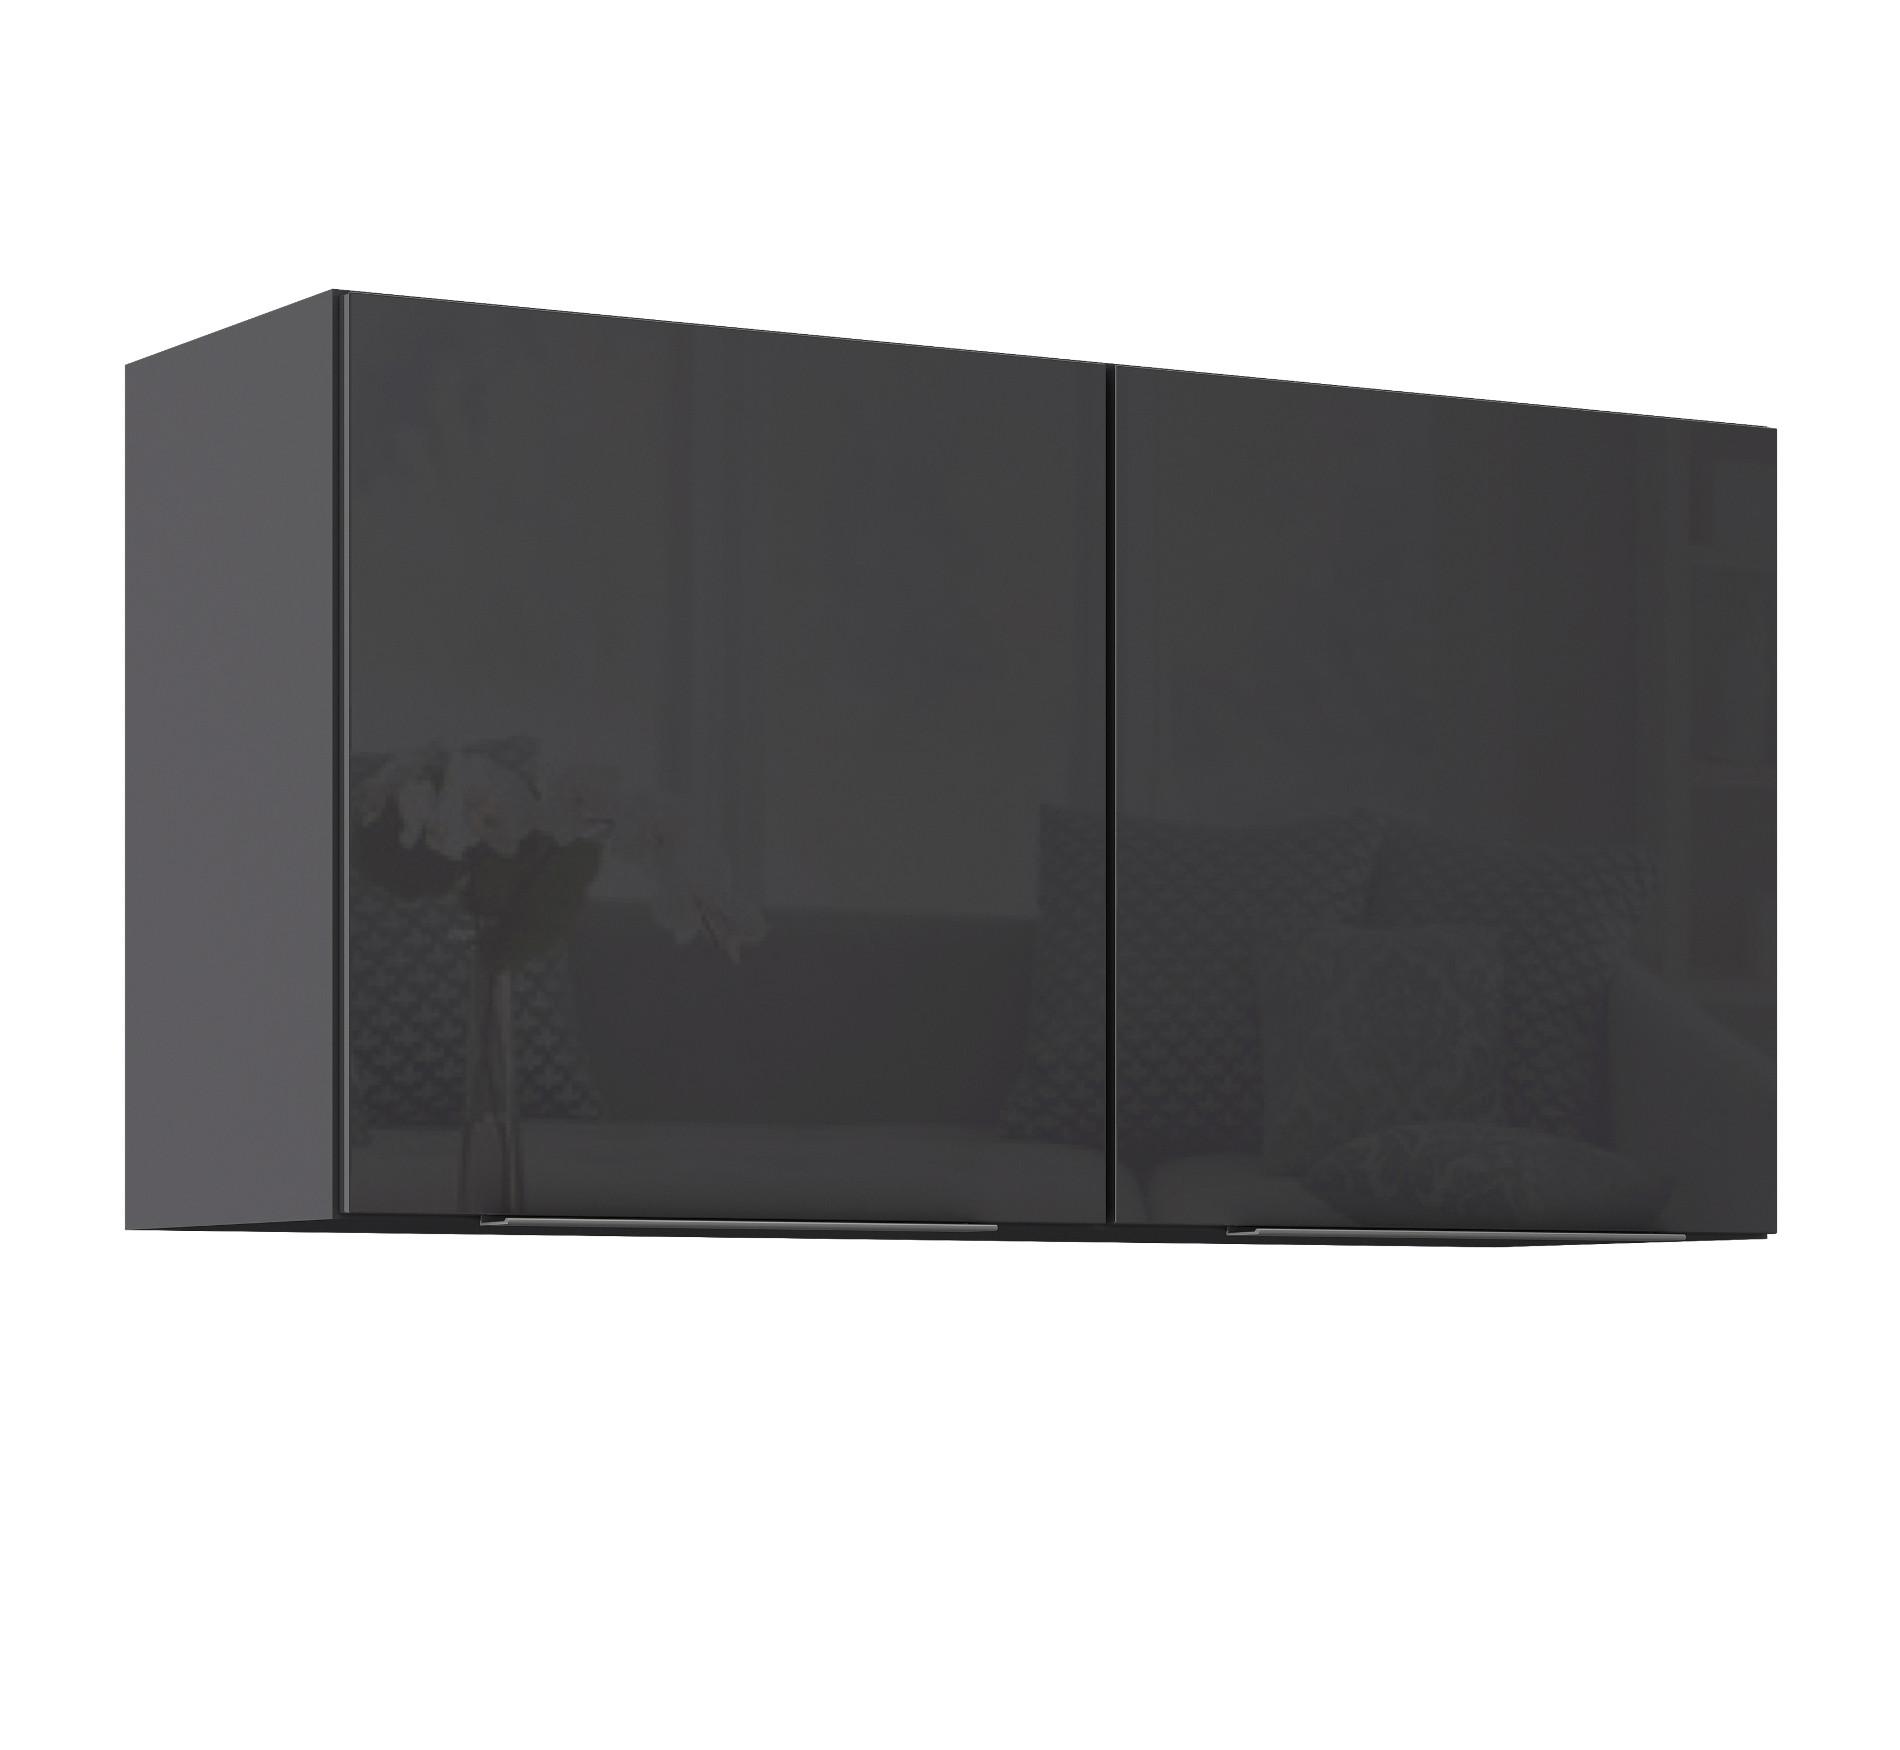 k chen h ngeschrank hamburg 2 t rig breite 100 cm hochglanz grau graphit k che k chen. Black Bedroom Furniture Sets. Home Design Ideas